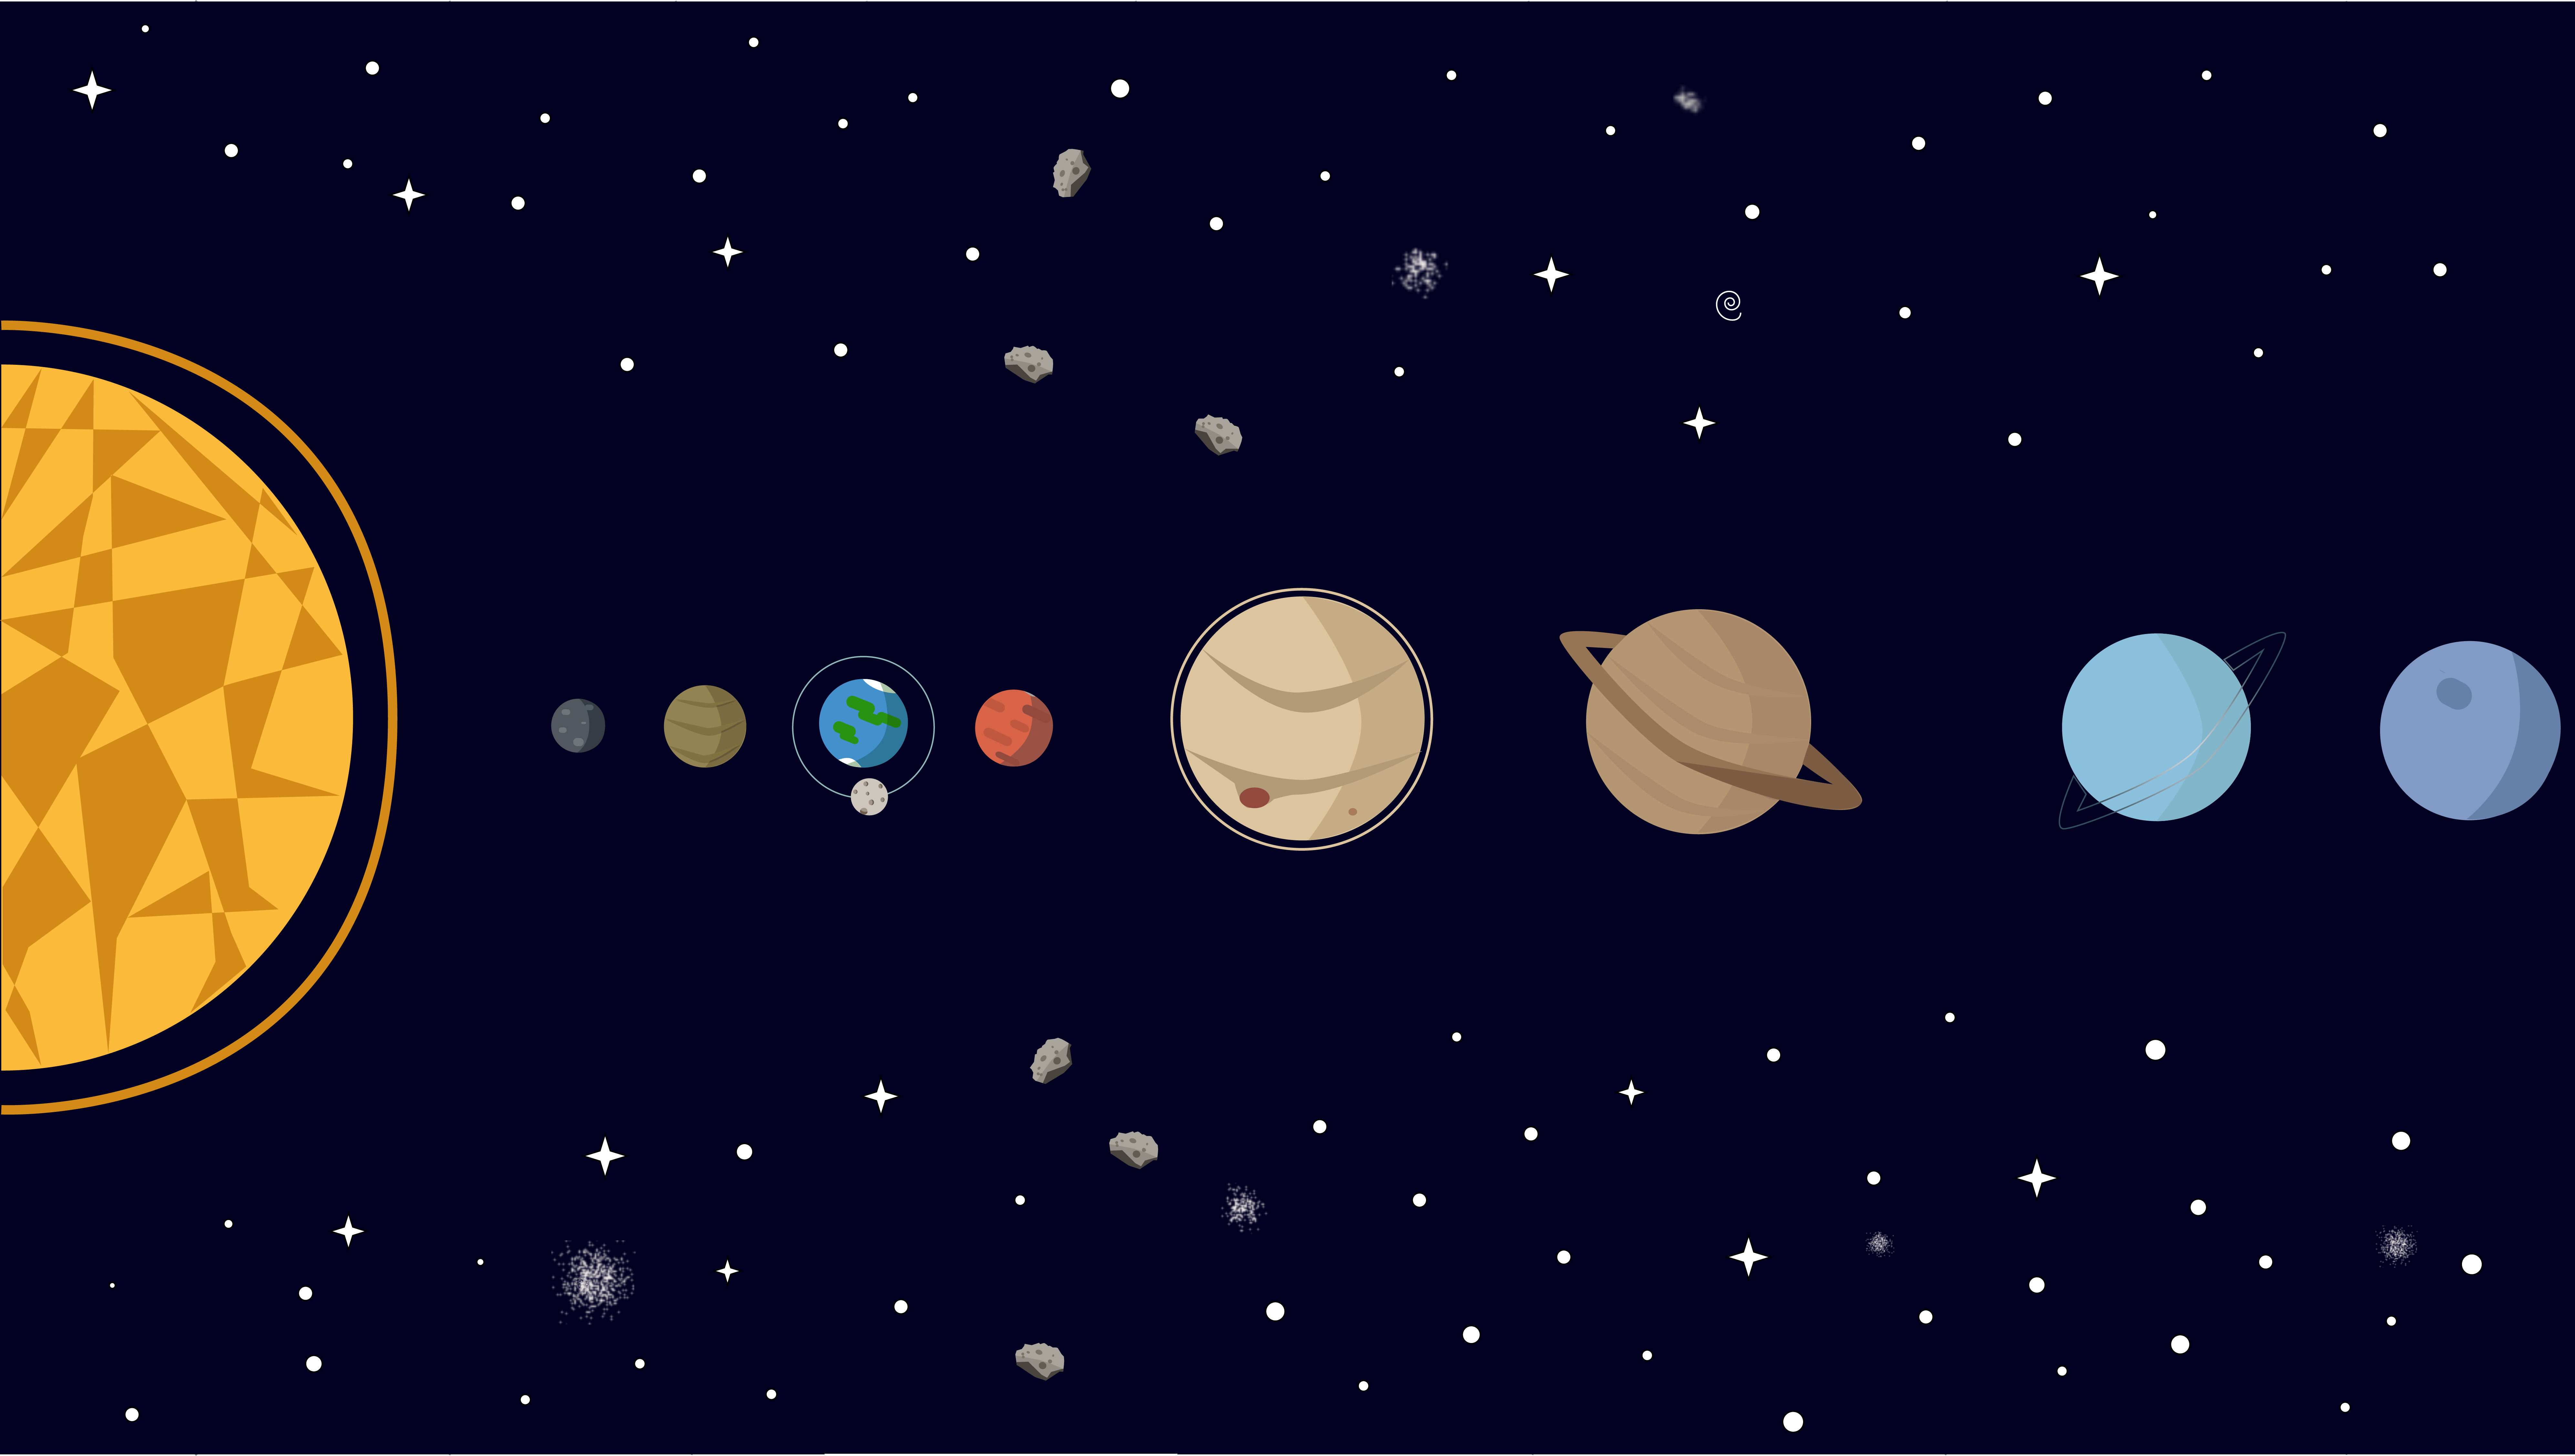 The Solar System Solar System Wallpaper Wallpaper R Wallpaper